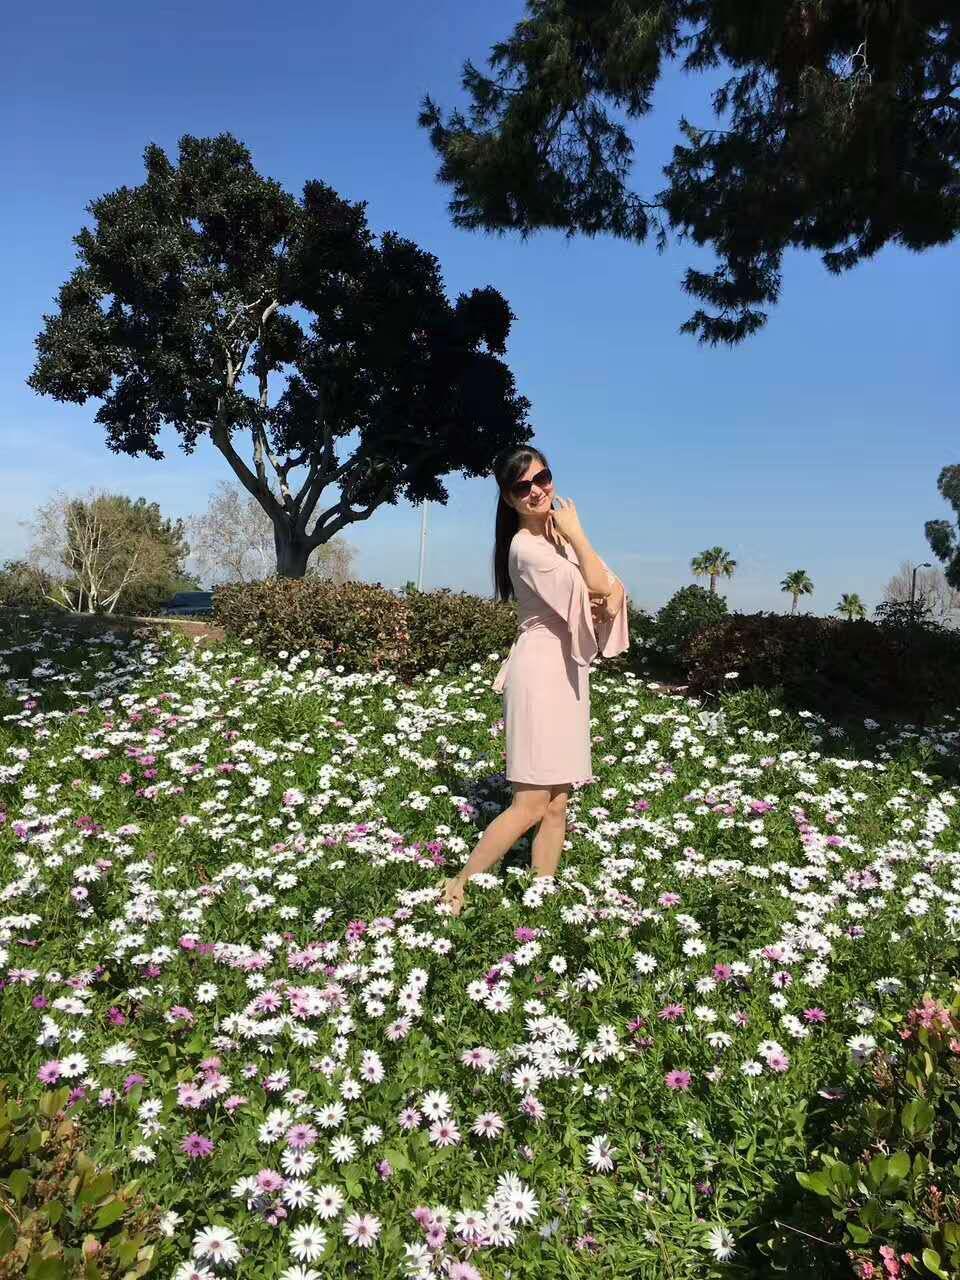 与春天来个美的约会 门前的一块山坡空地上野花浪漫 人生无处不风景 life